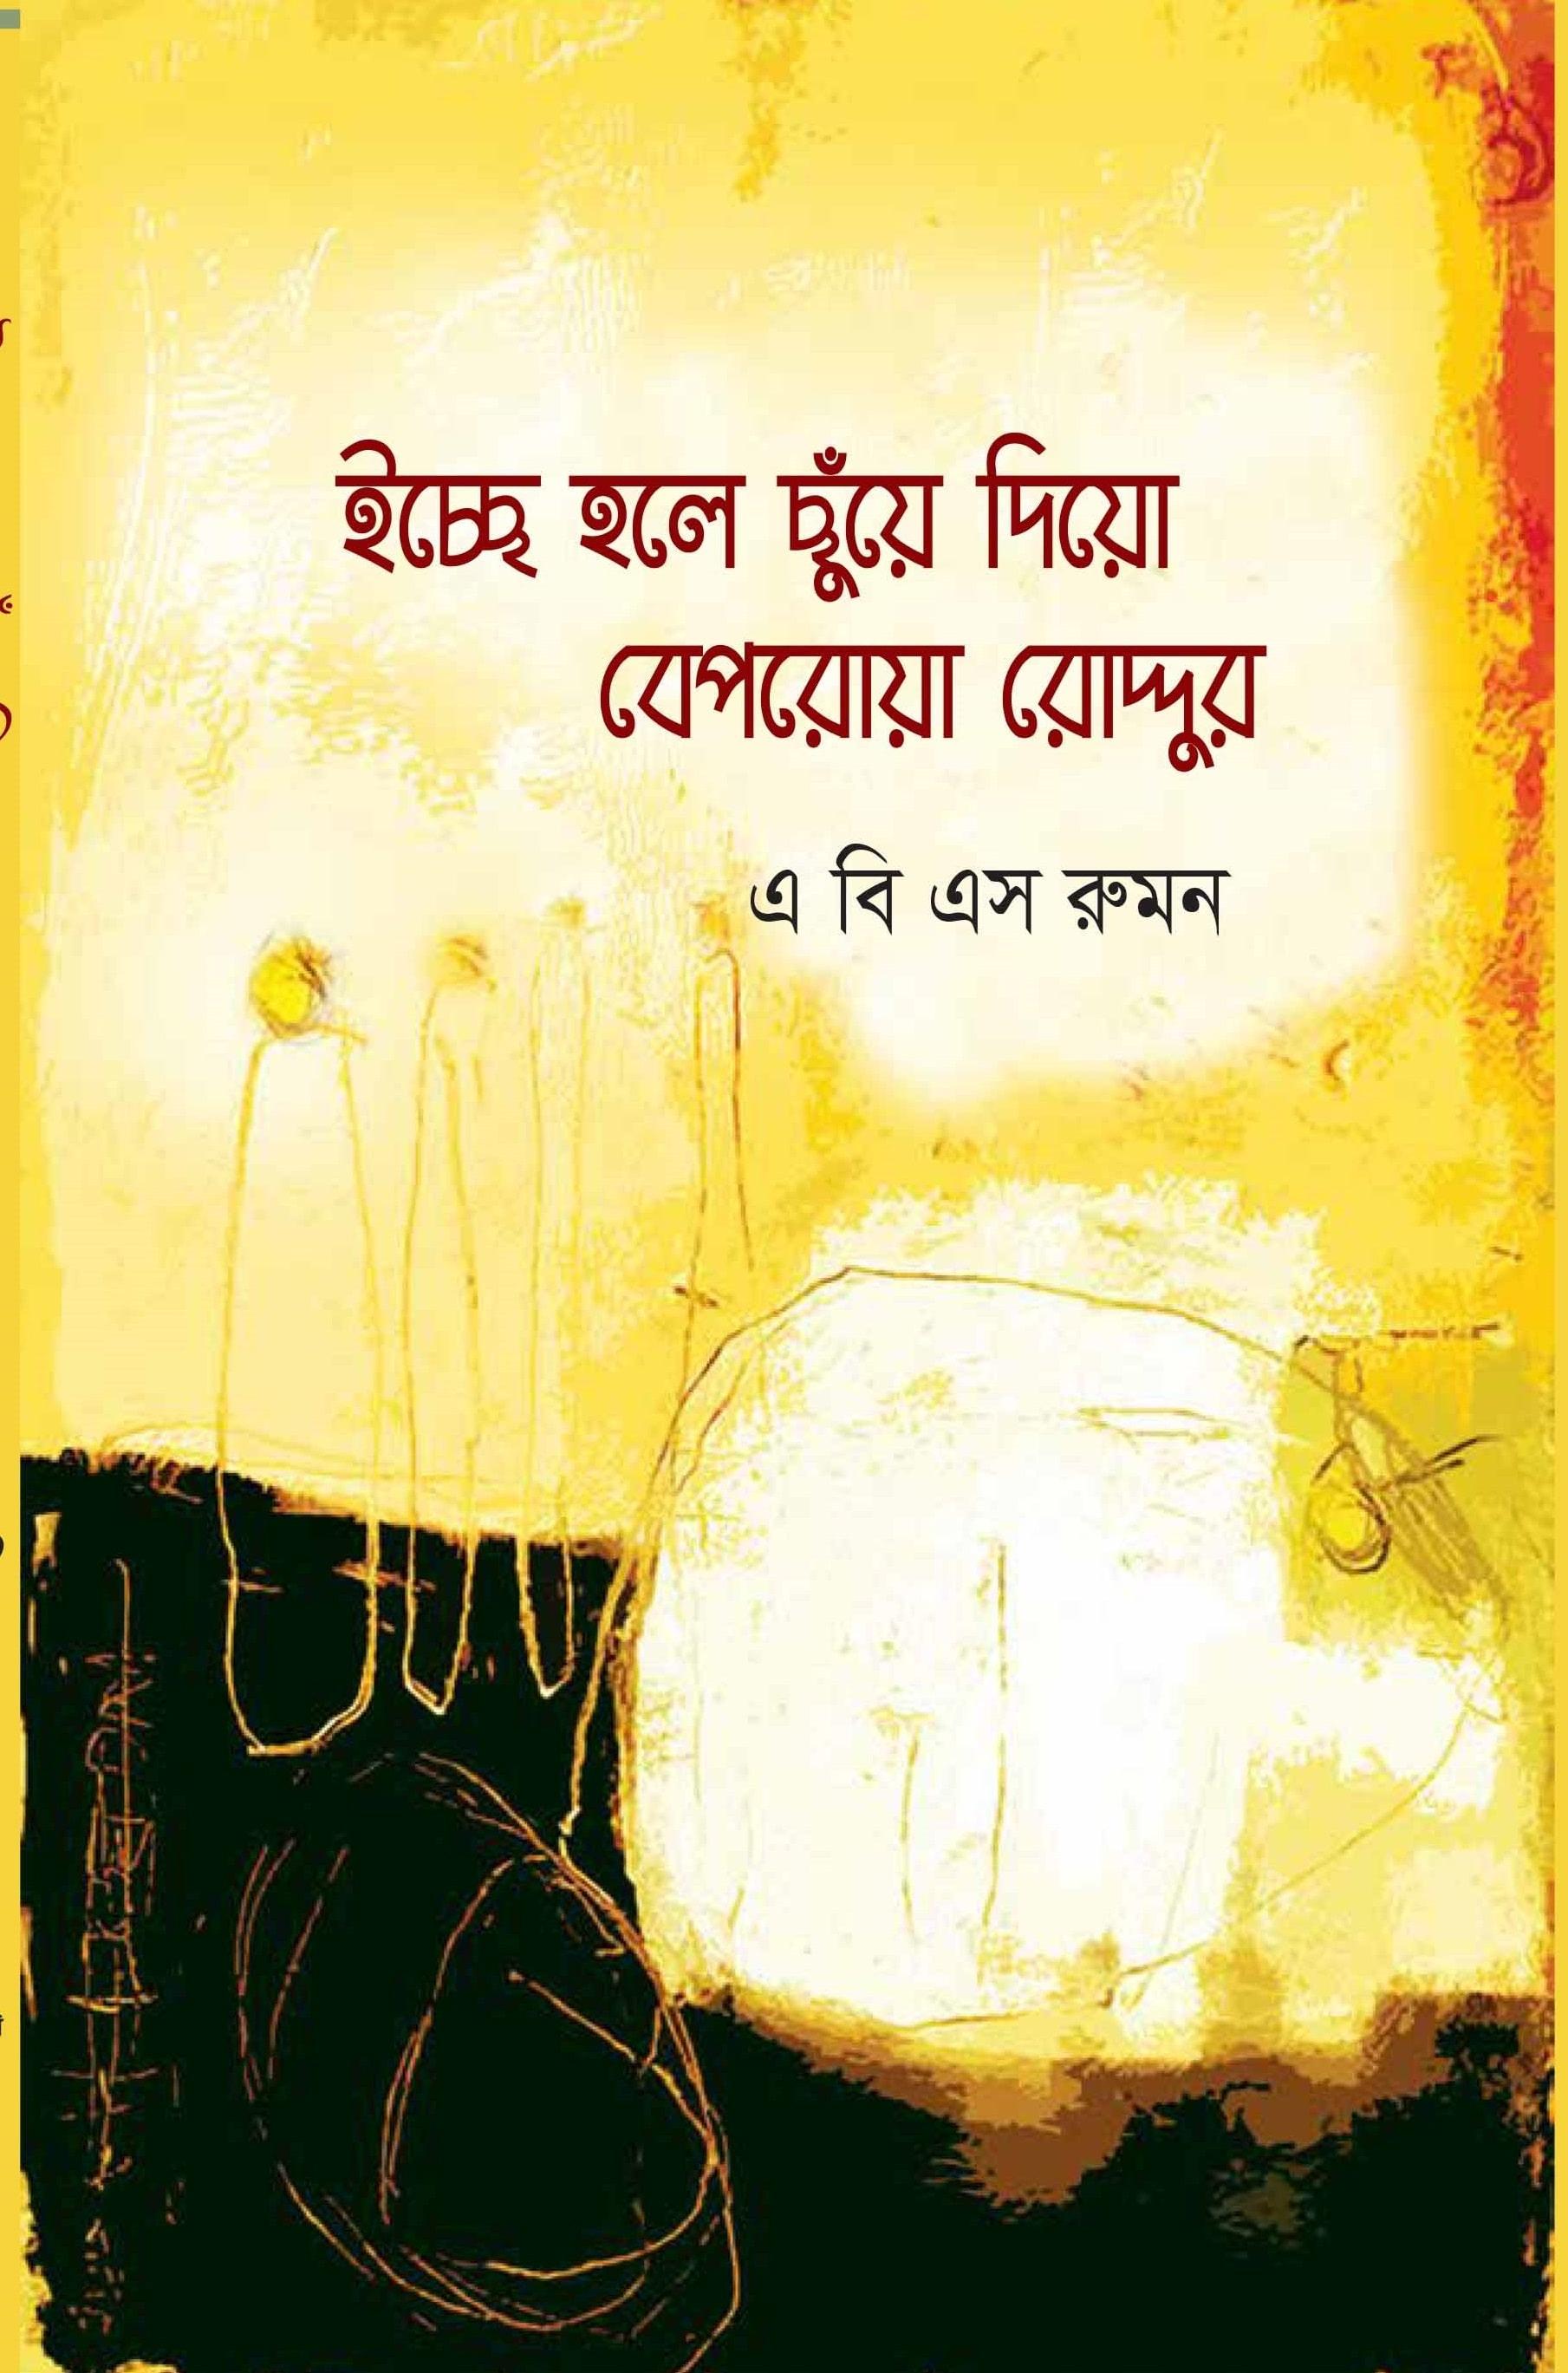 ইচ্ছে-হলে-ছুঁয়ে-দিও-বেপরোয়া-রোদ্দুর-বই-এ-বি-এস-রুমন-icche-holey-chuye-dio-beporua-ruddur-a-b-s-rumon-book